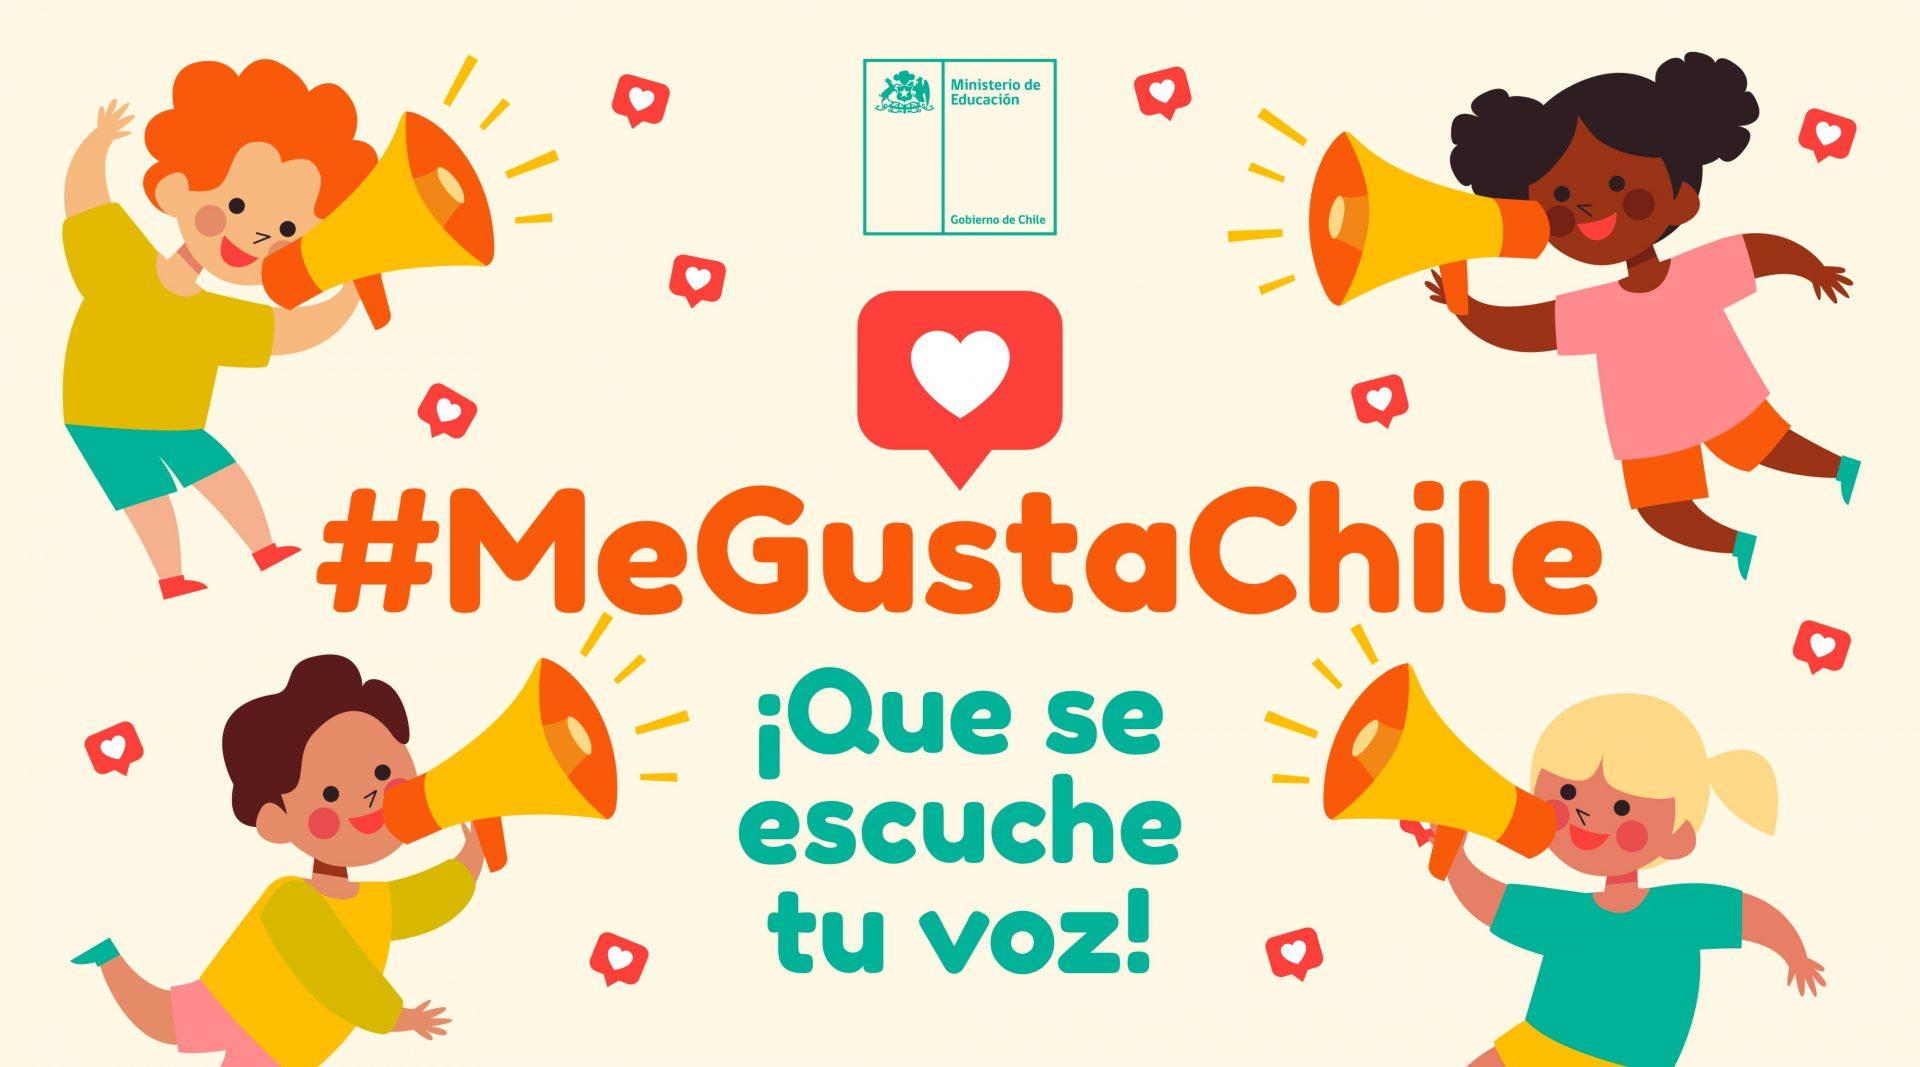 Mineduc lanza iniciativa #MeGustaChile para darle voz a los niños del país